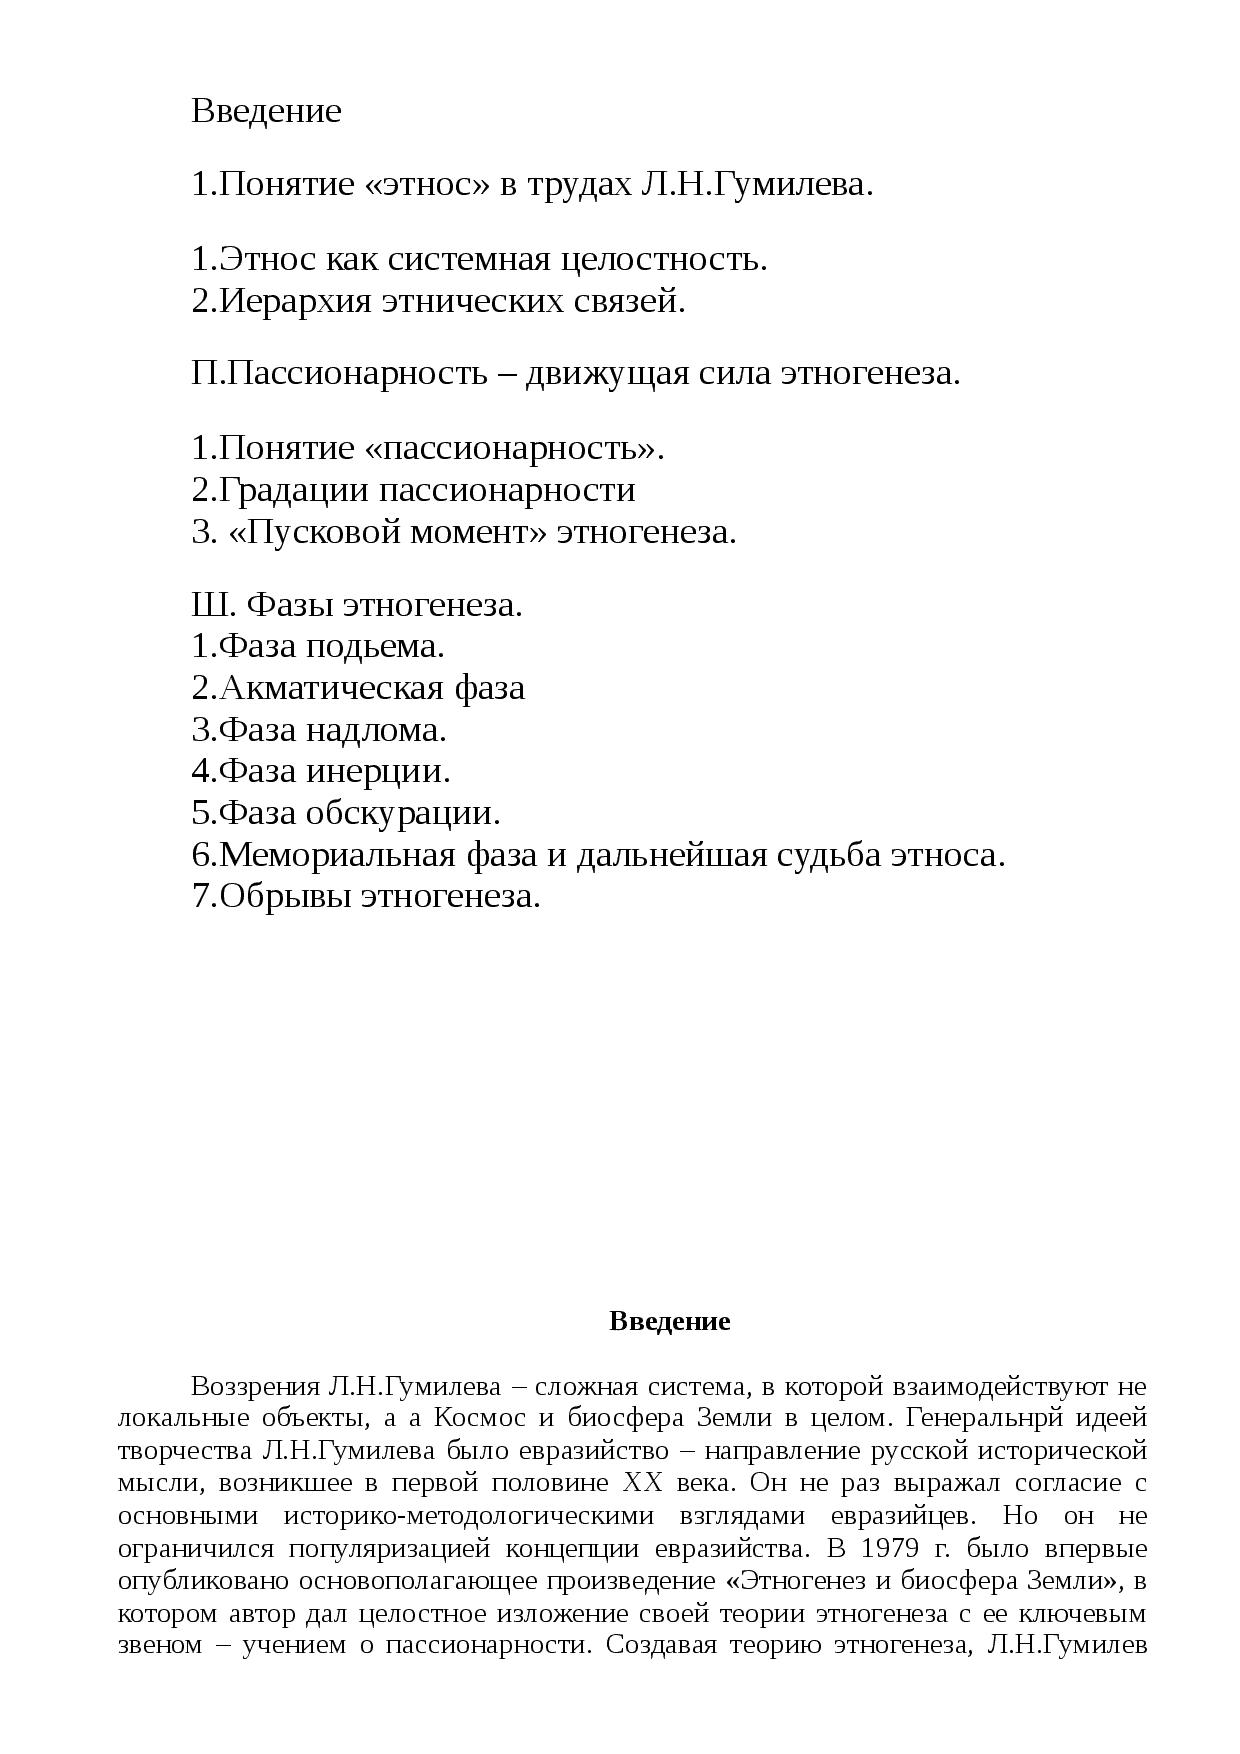 гумилев этногенез